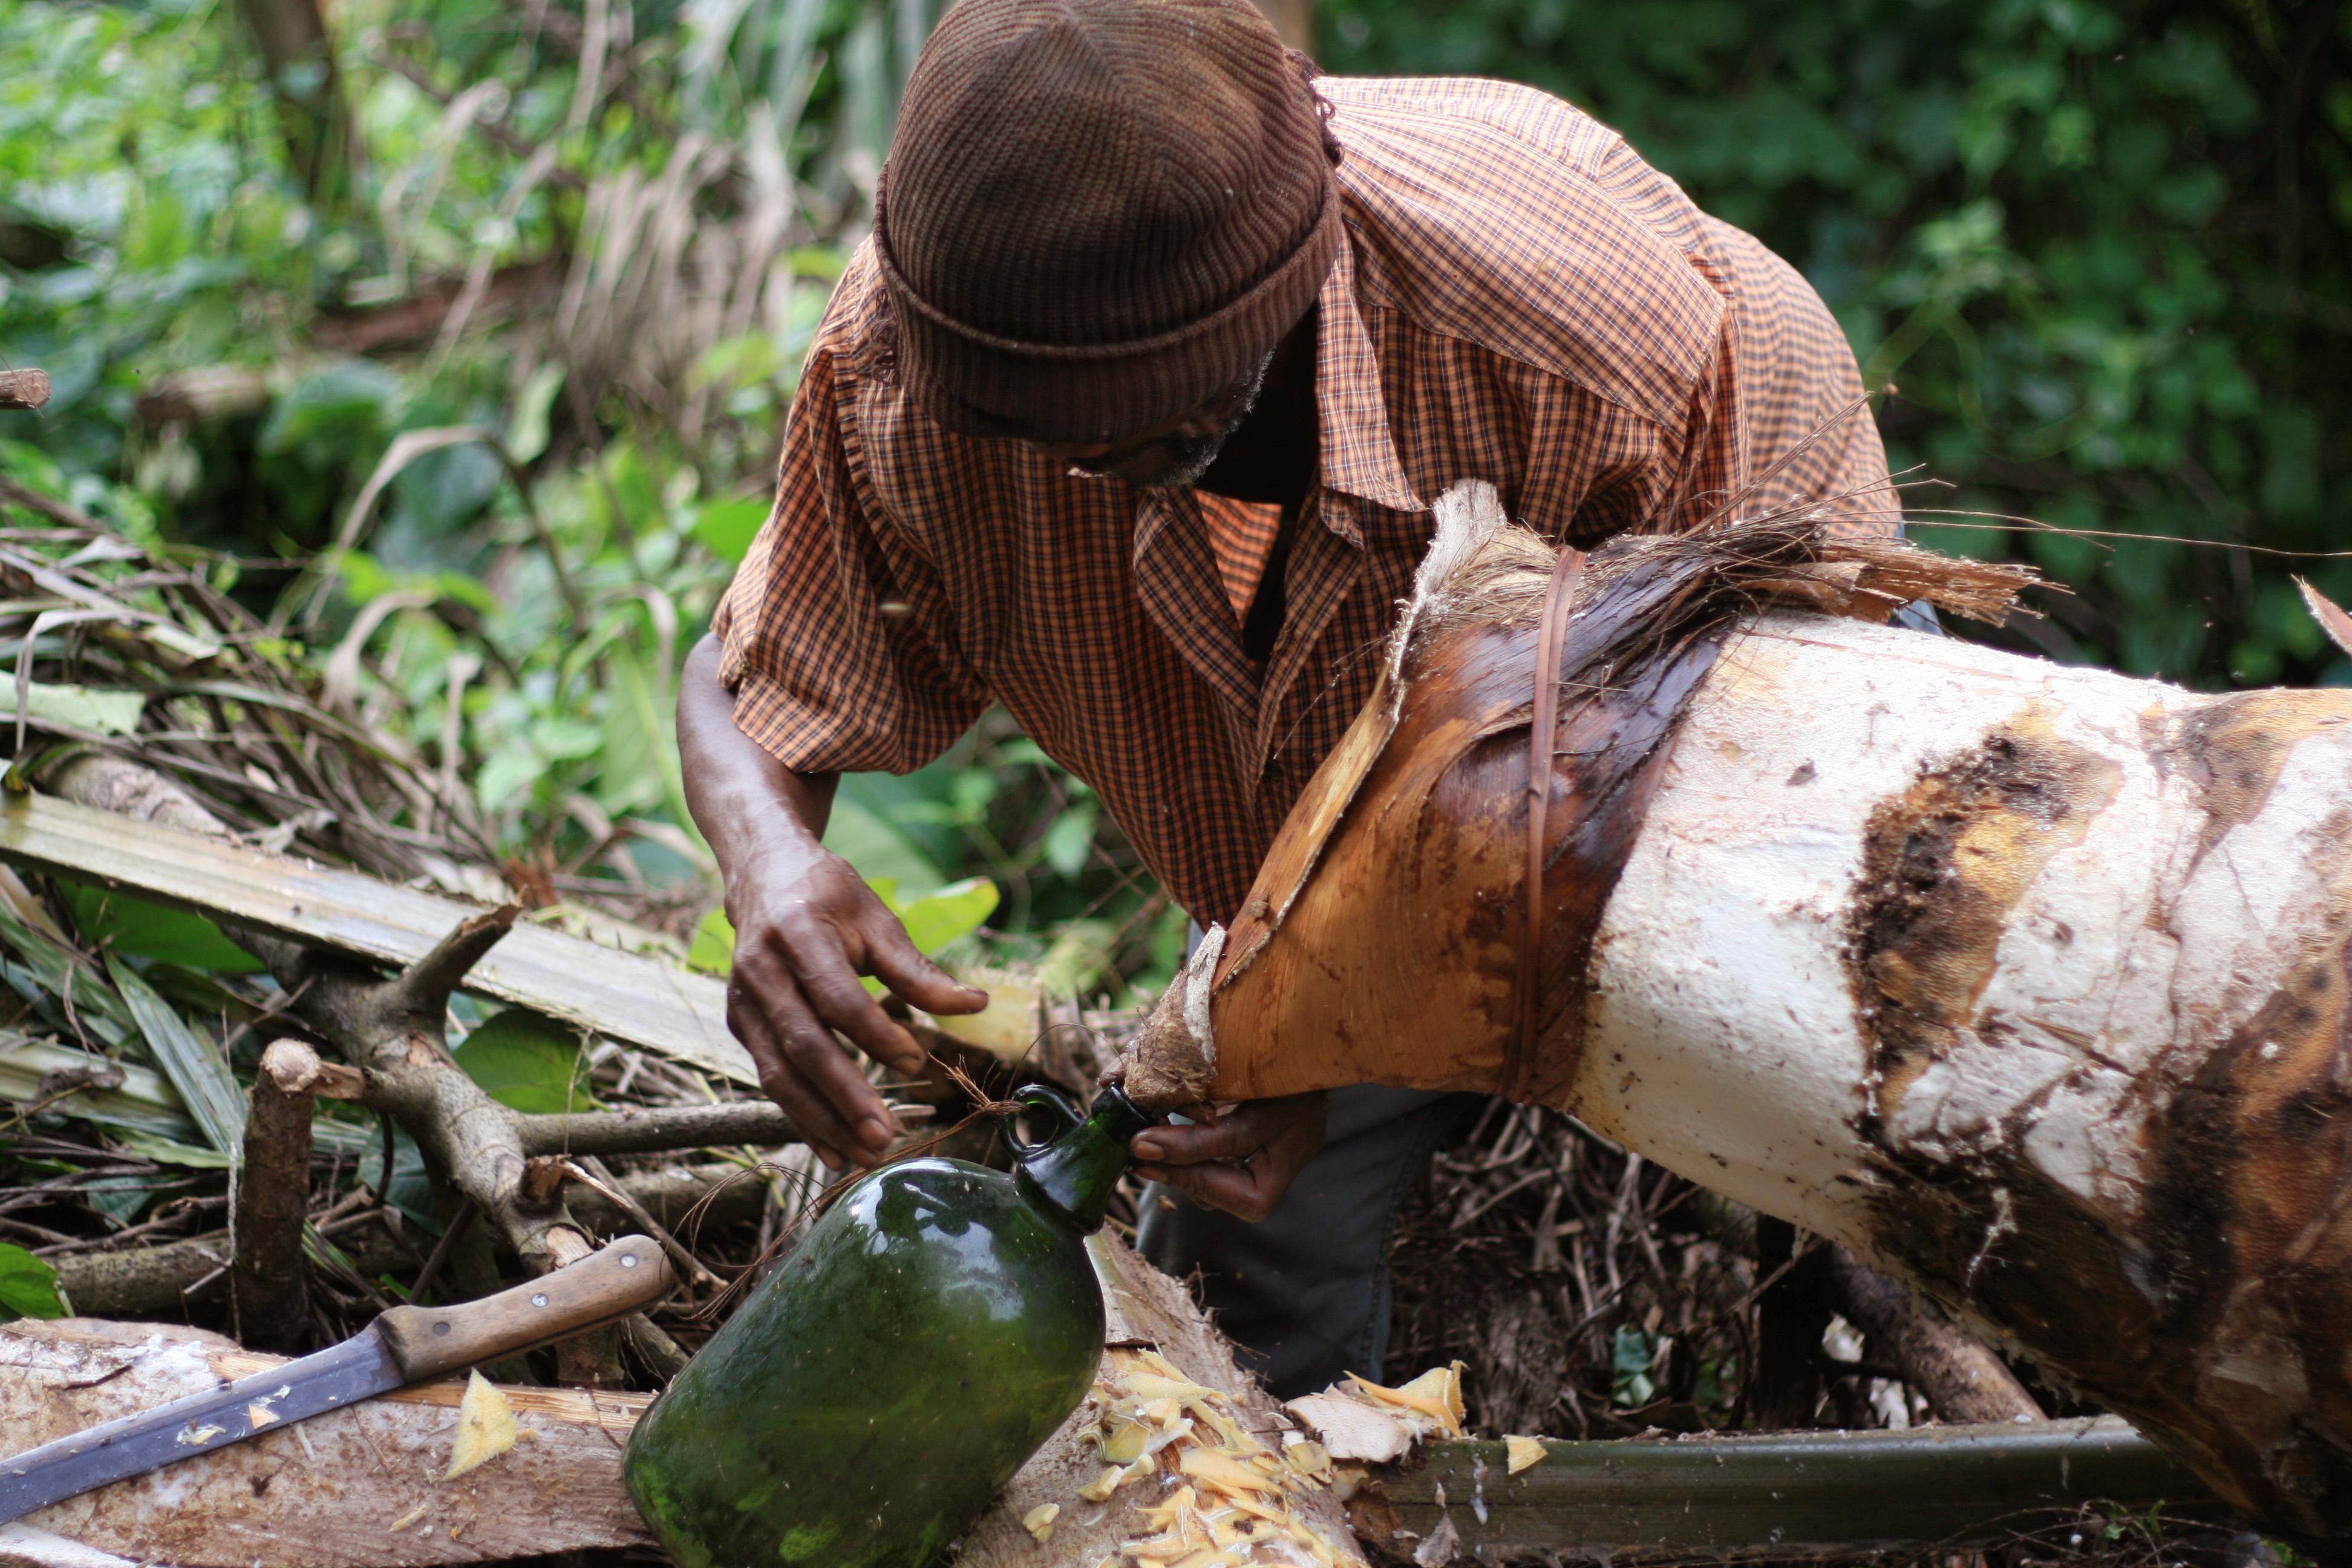 Fichier:Extraction du vin de palme dans le village de Tayap.jpg — Wikipédia